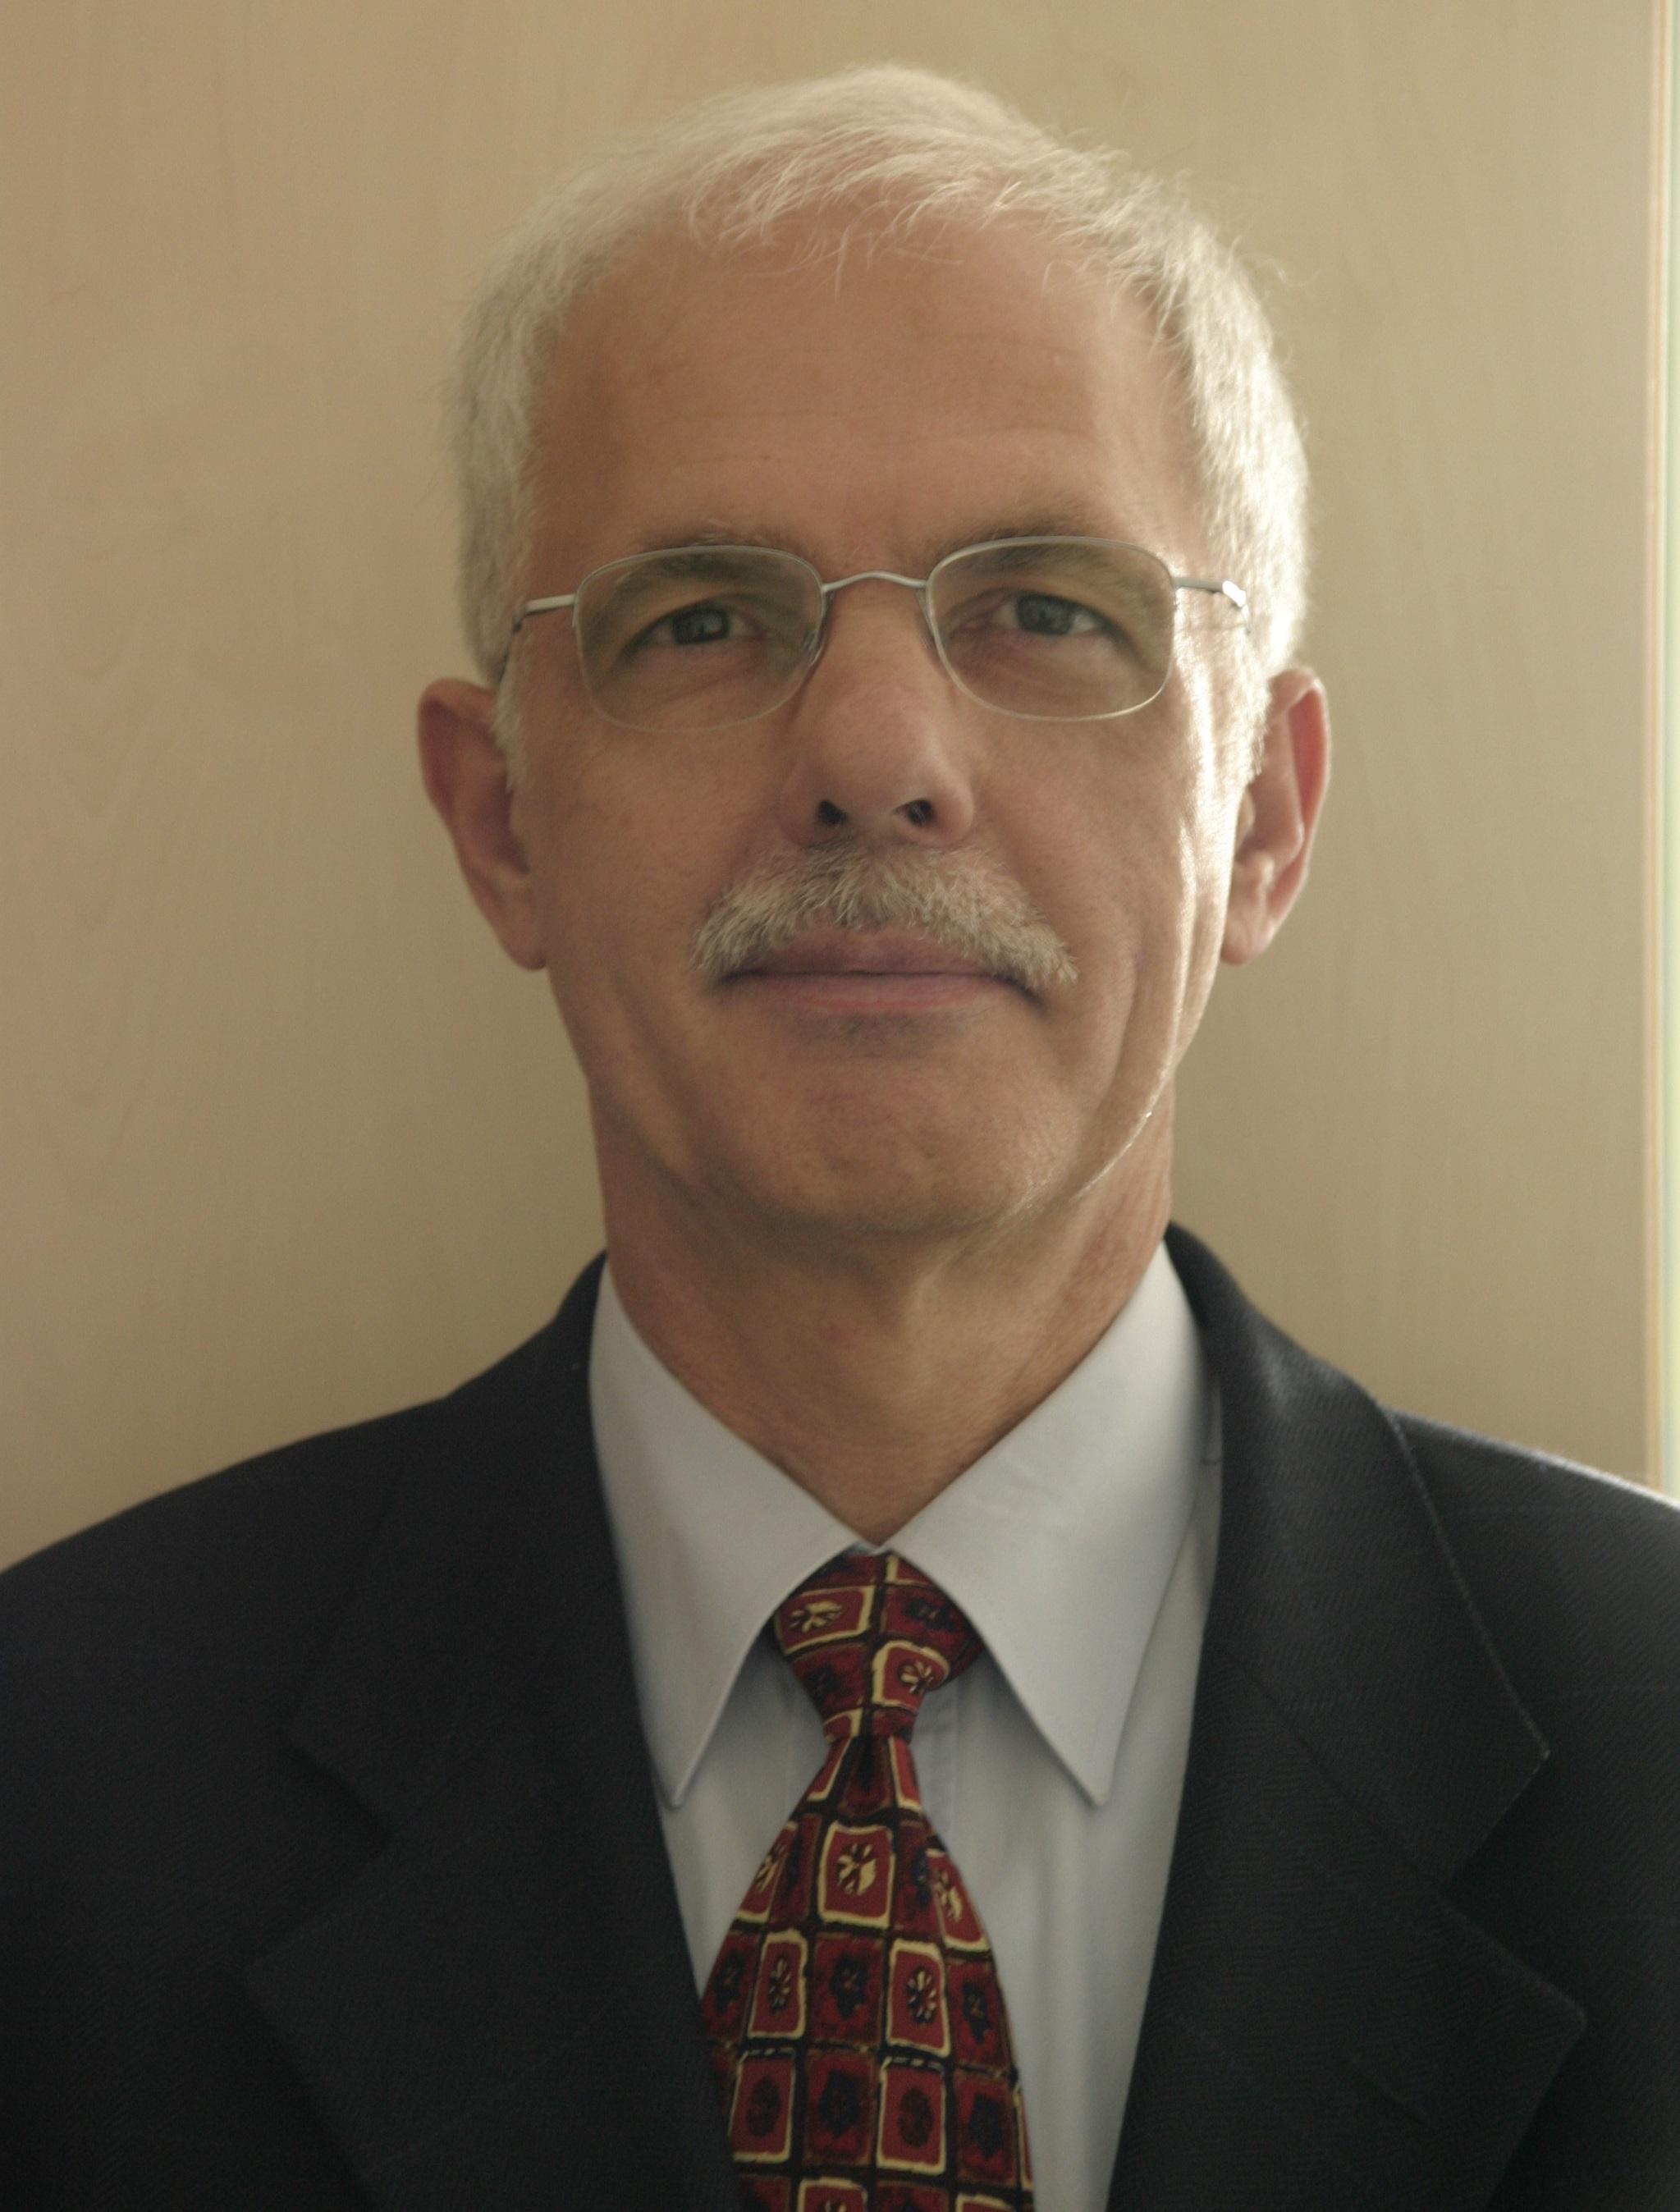 Herbert Matthies